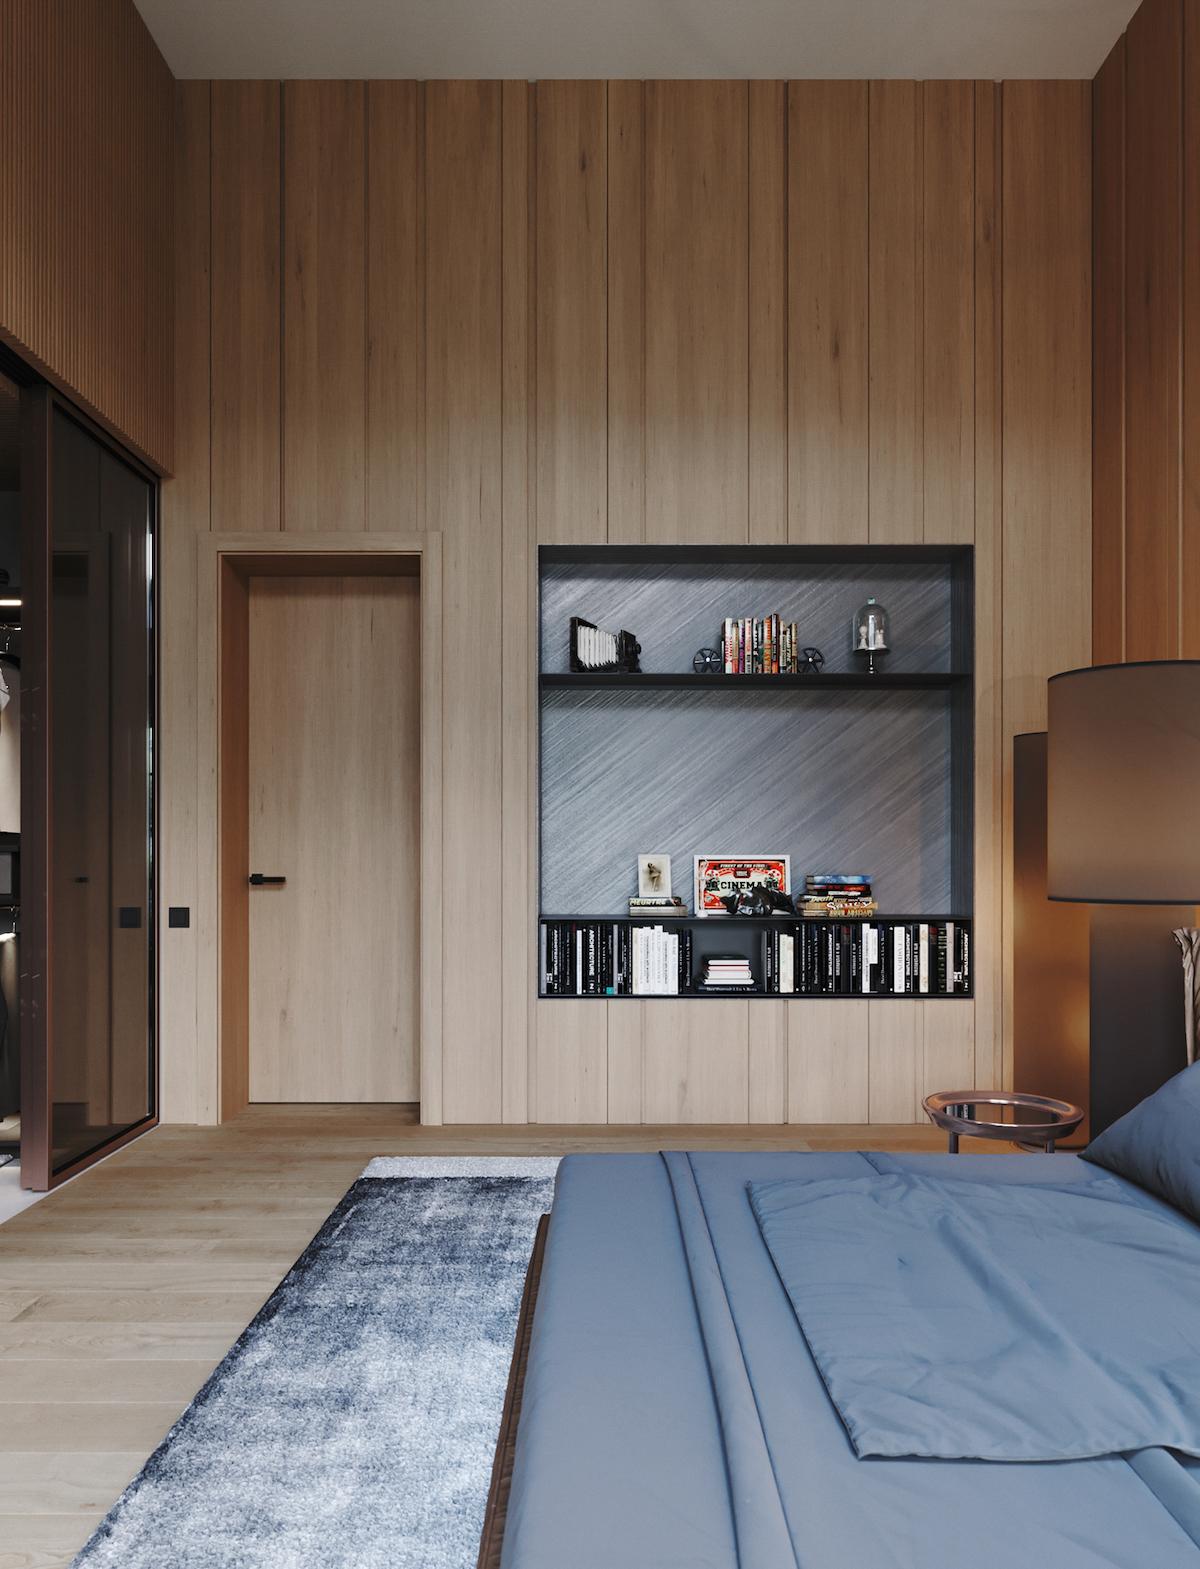 chambre bois revêtement mur bibliothèque encastrée décoration grise